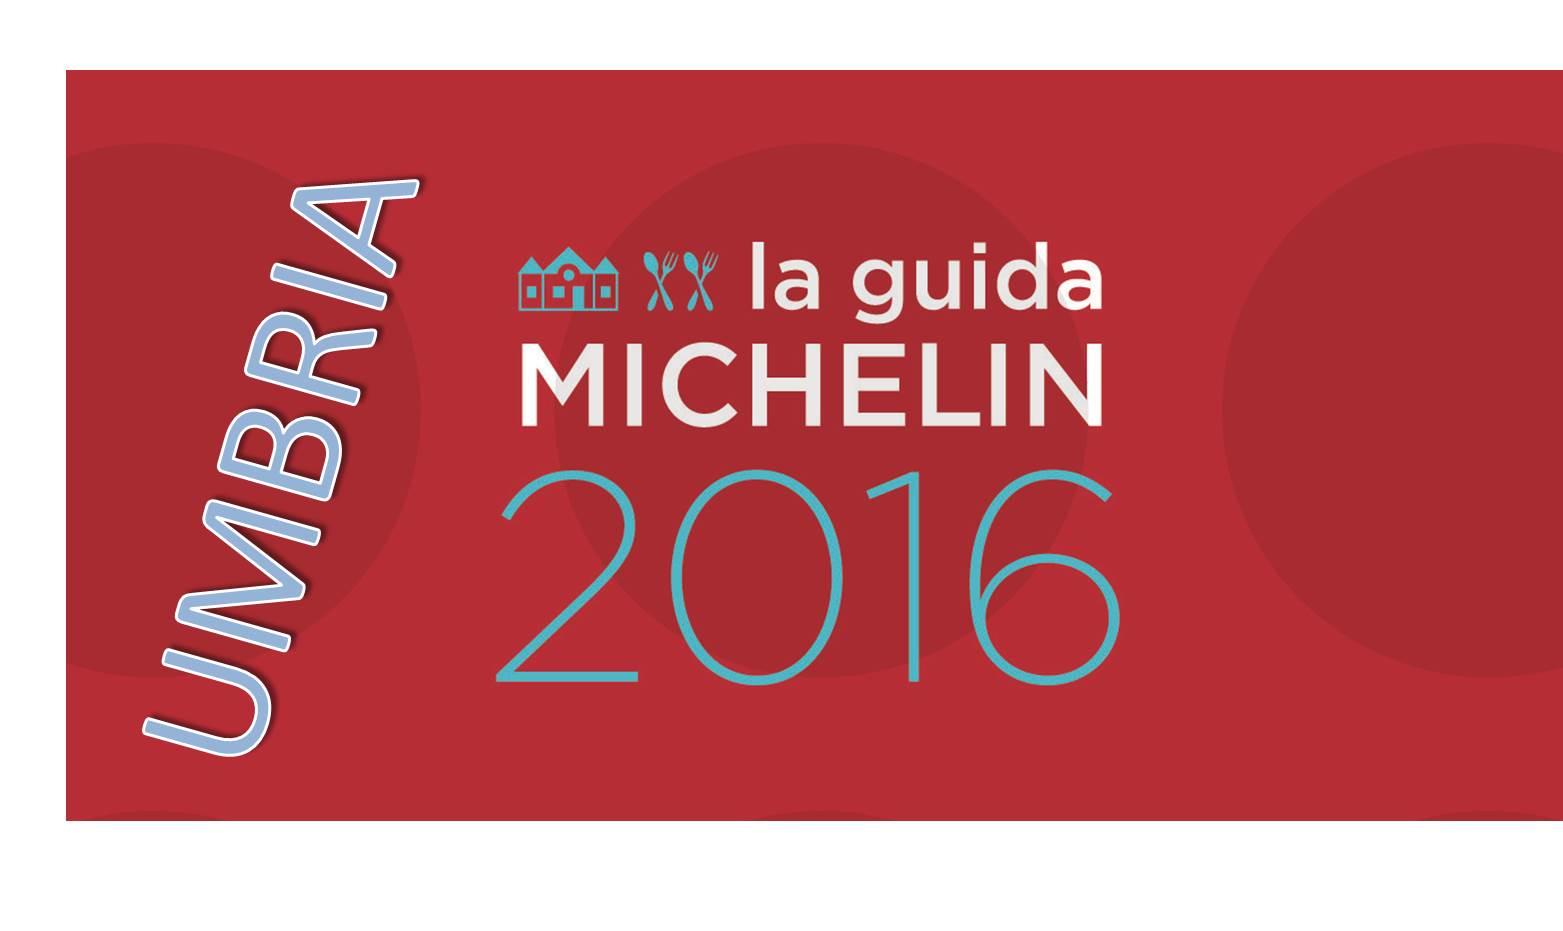 Migliori ristoranti Michelin 2016 in Umbria